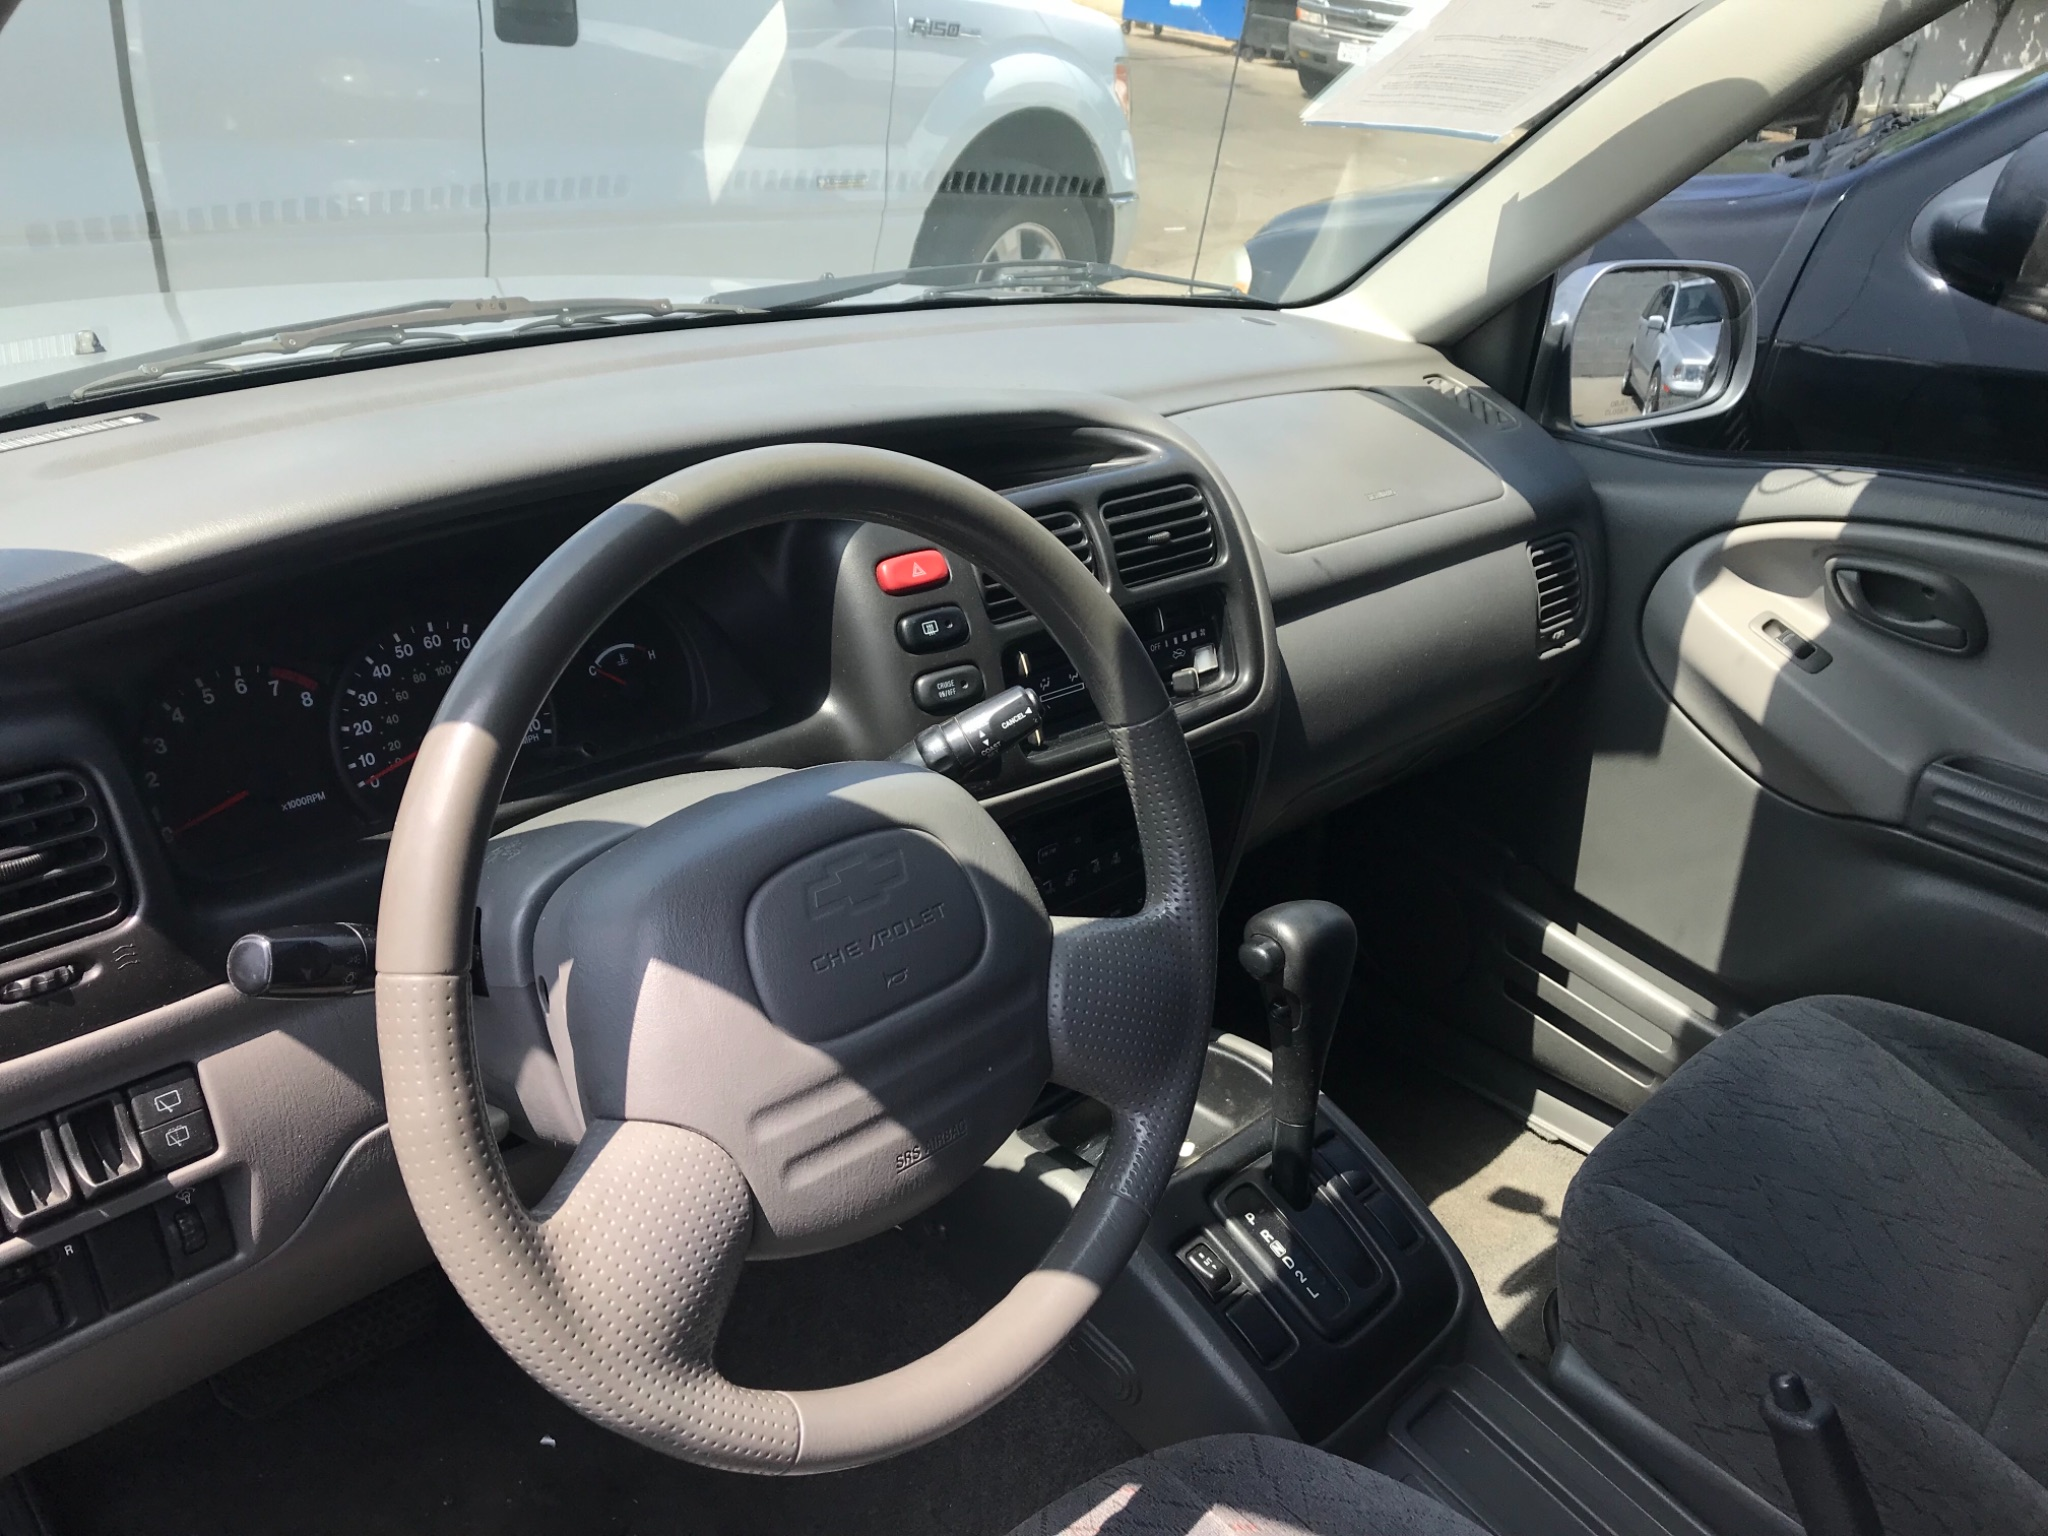 2003 Chevrolet Tracker LT